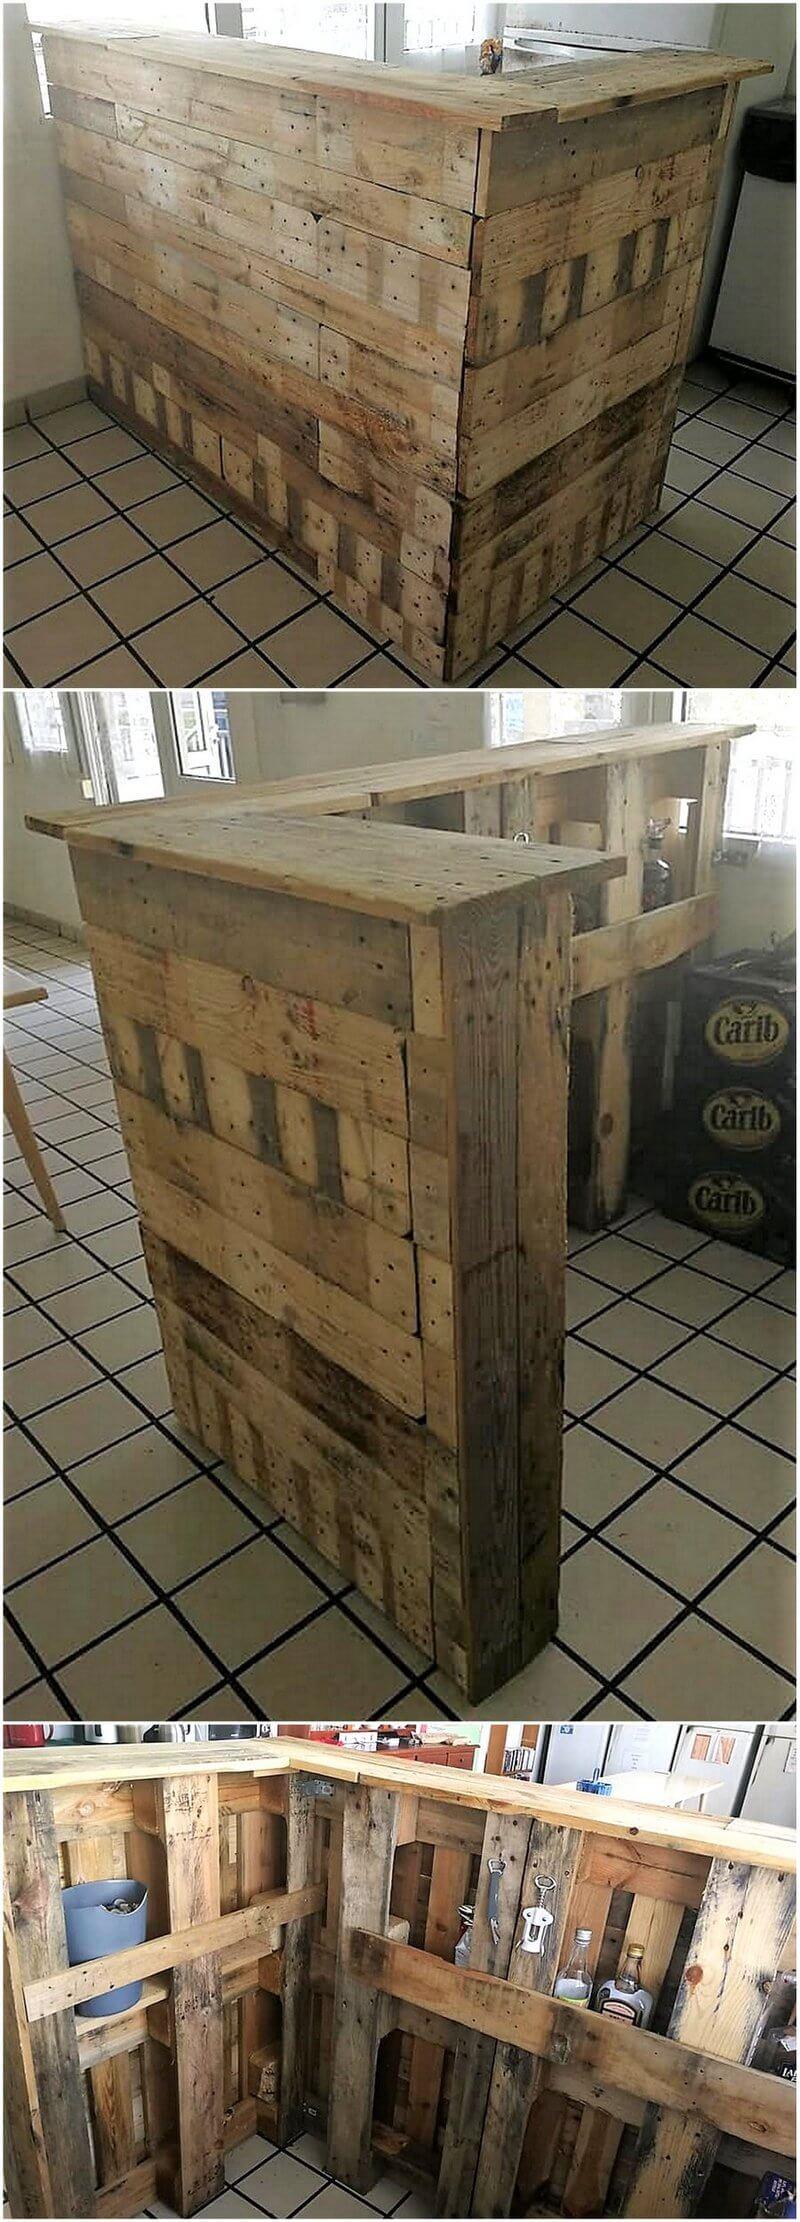 repurposed pallet wood bar